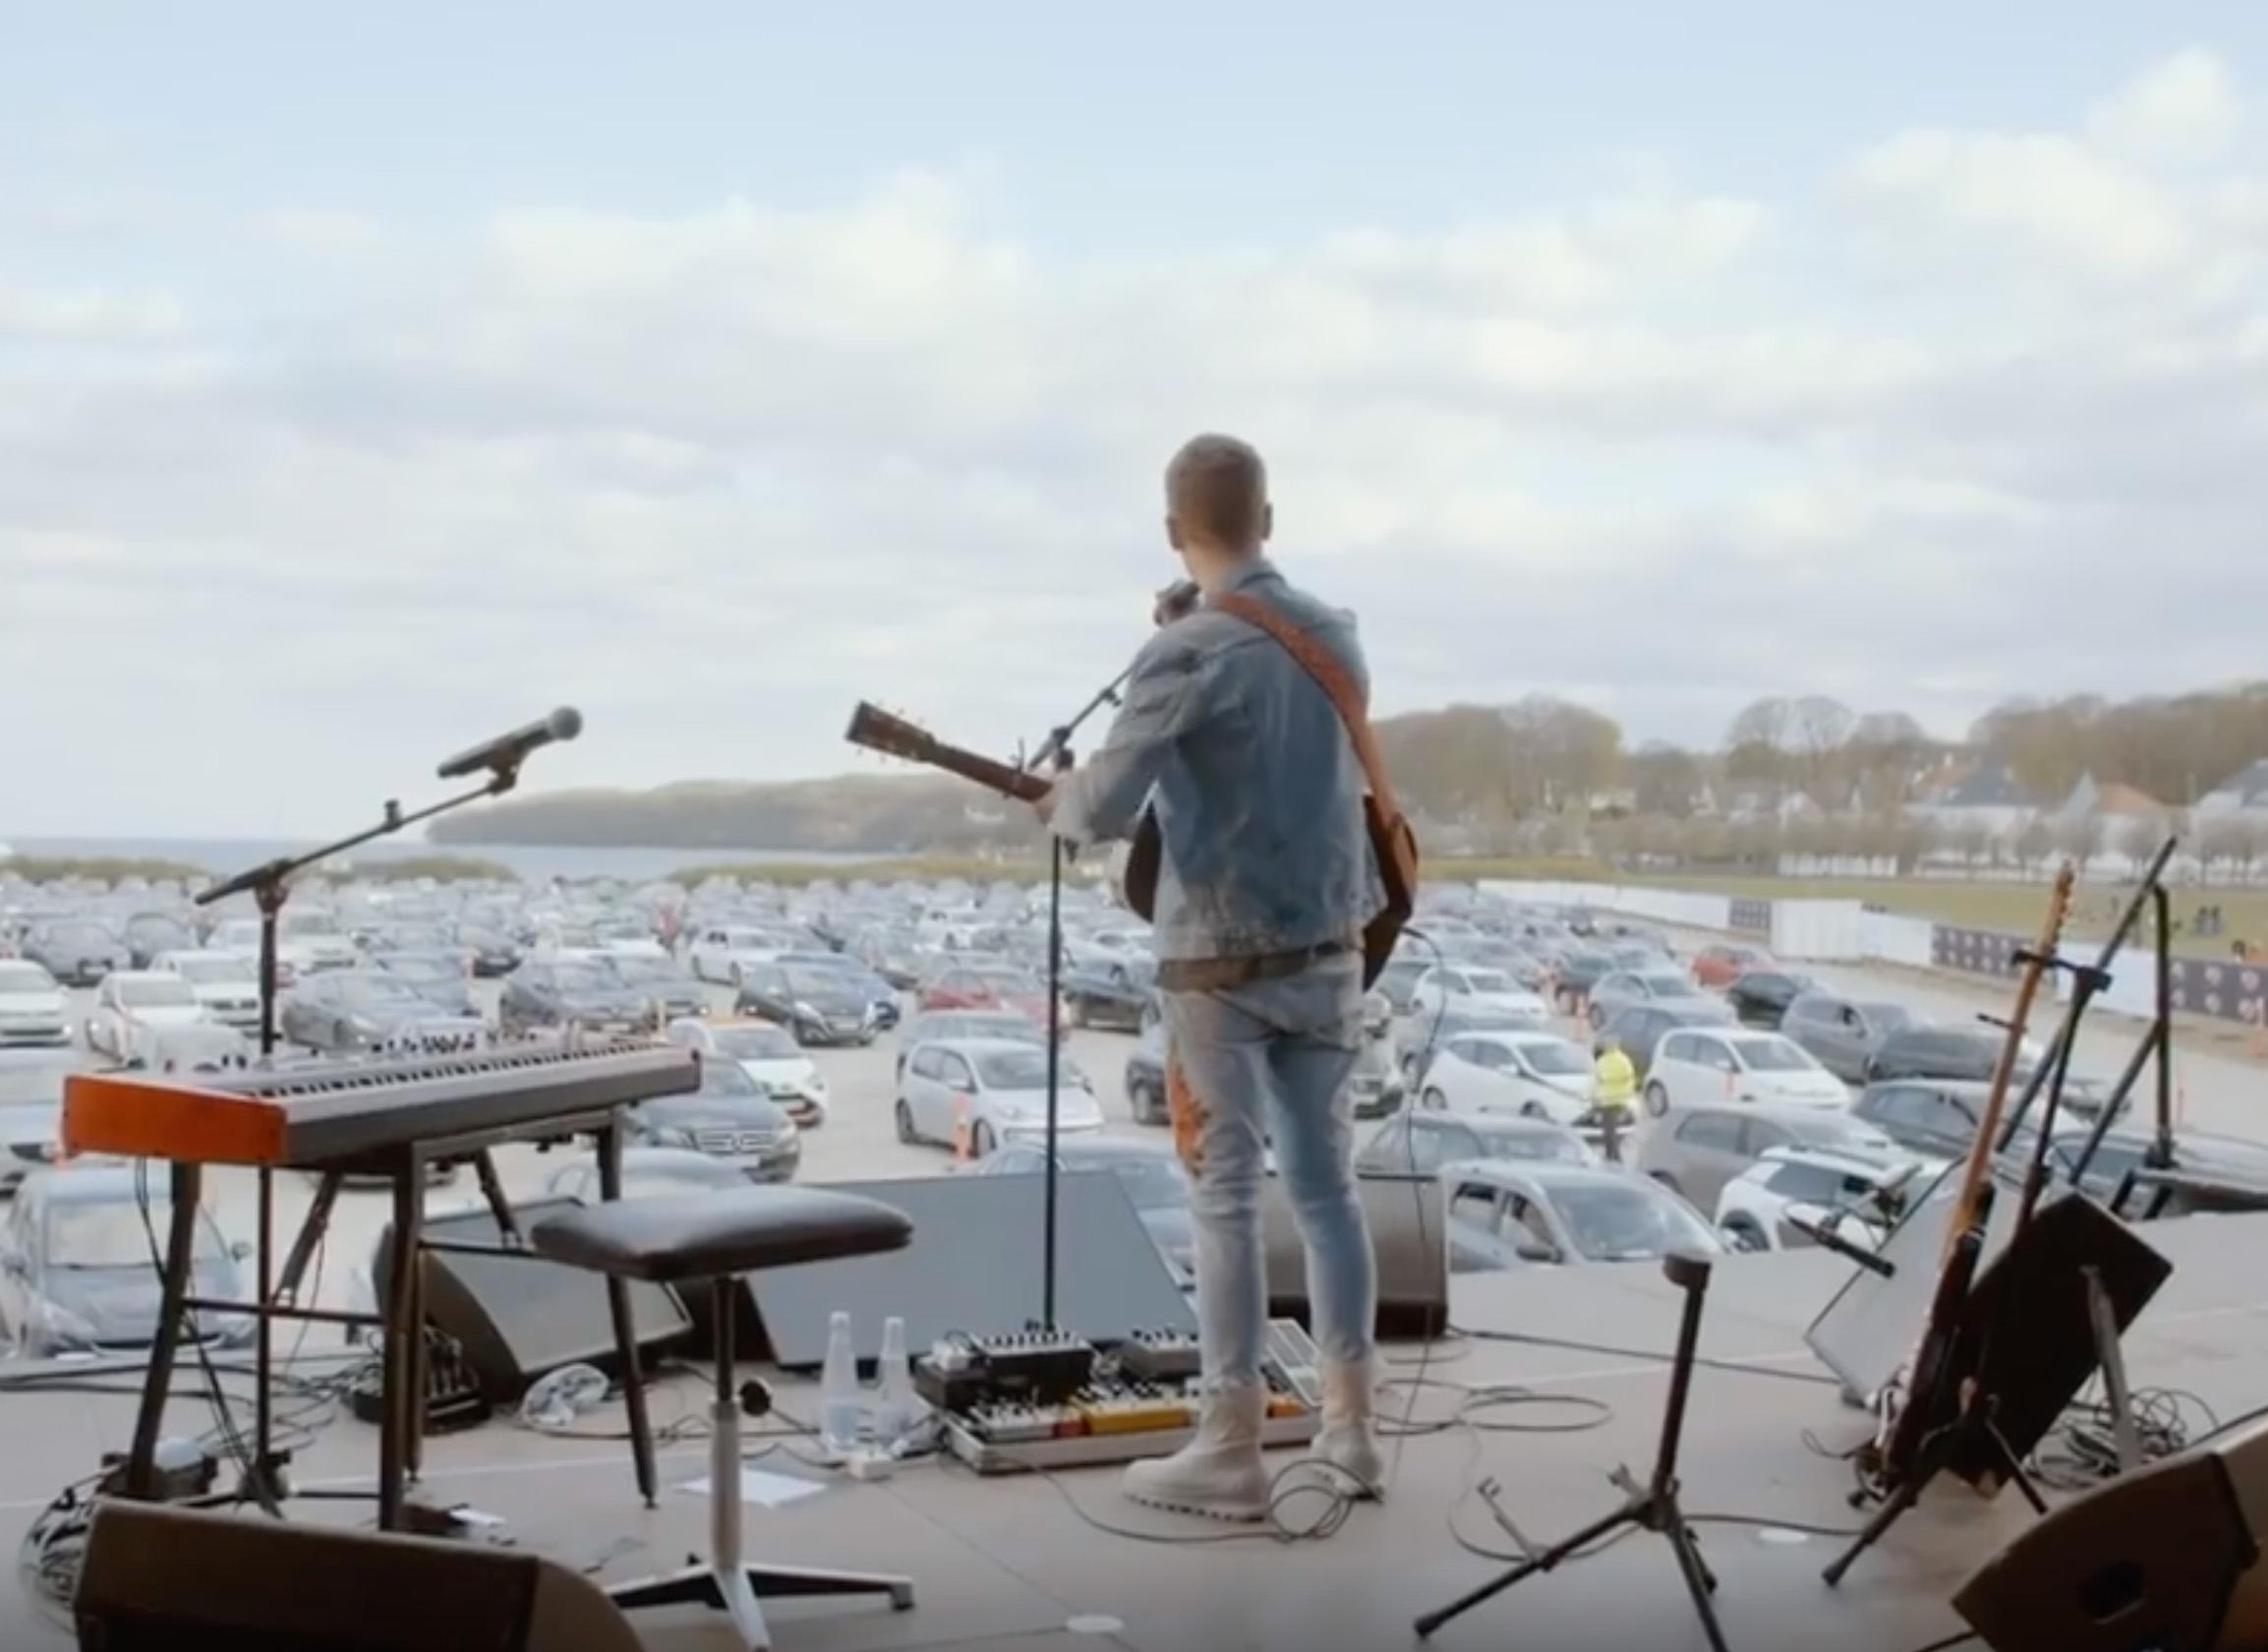 Les concerts en drive-in sont une alternative originale à la distanciation sociale - capture d'écran / (c) Instagram Mads Langer